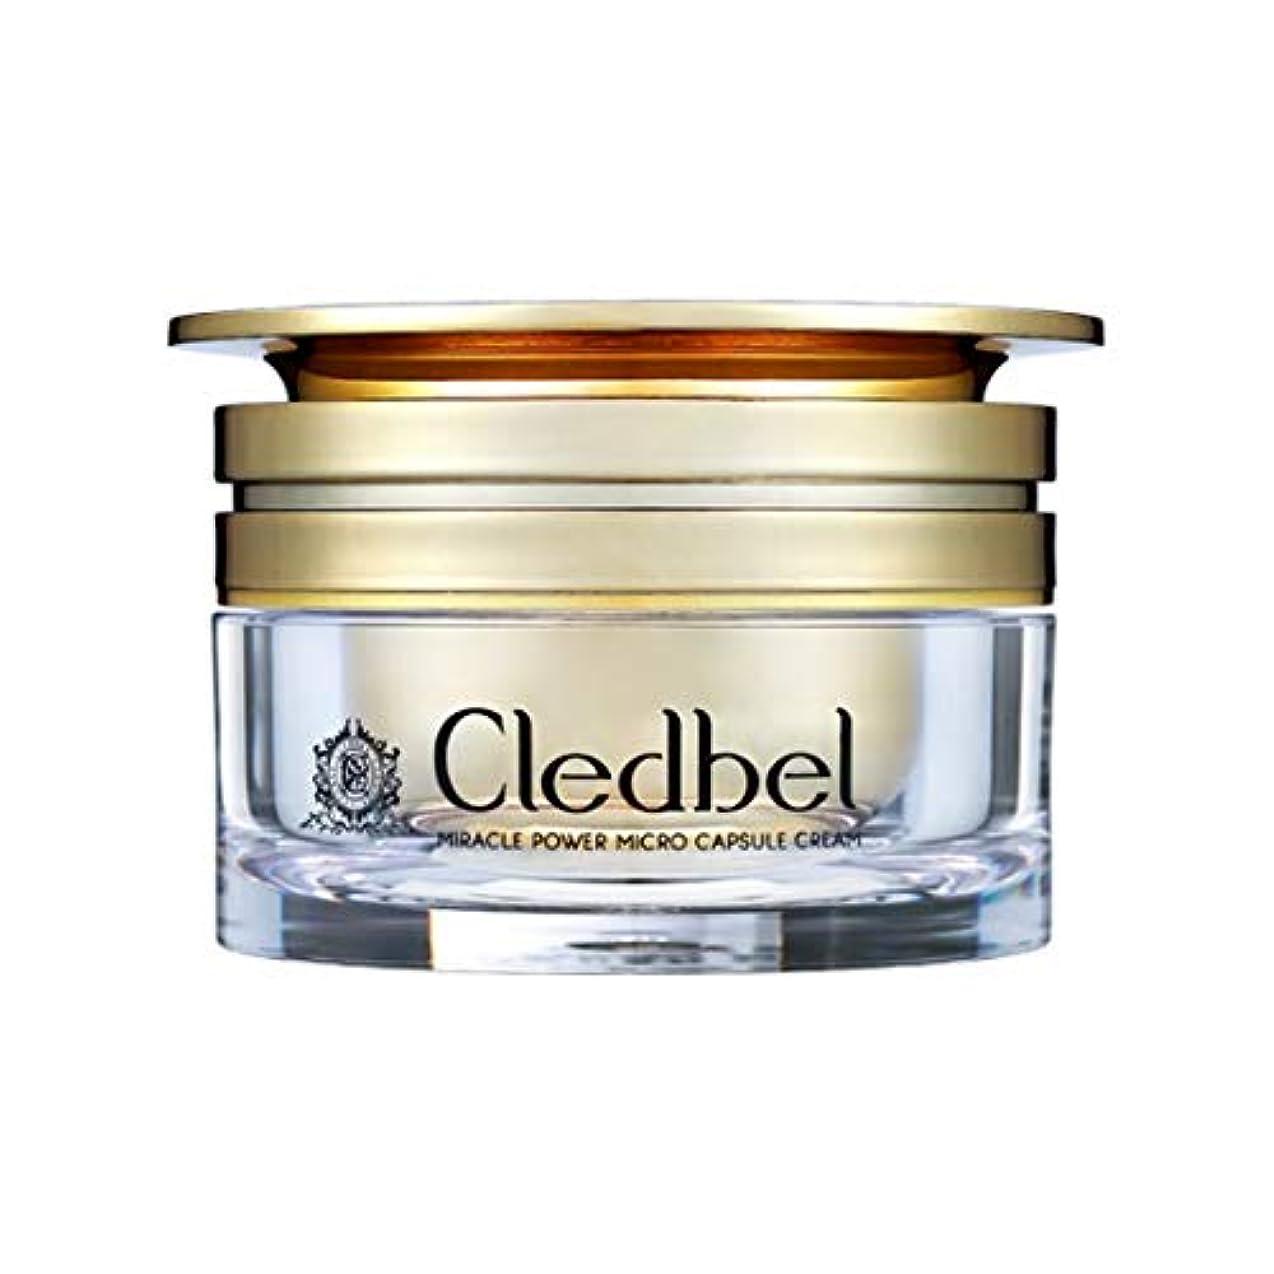 丈夫バーゲンくしゃくしゃ[cledbel] Miracle Power Micro Capsule Cream 50ml / ミラクルパワーマイクロカプセルクリーム 50ml [並行輸入品]